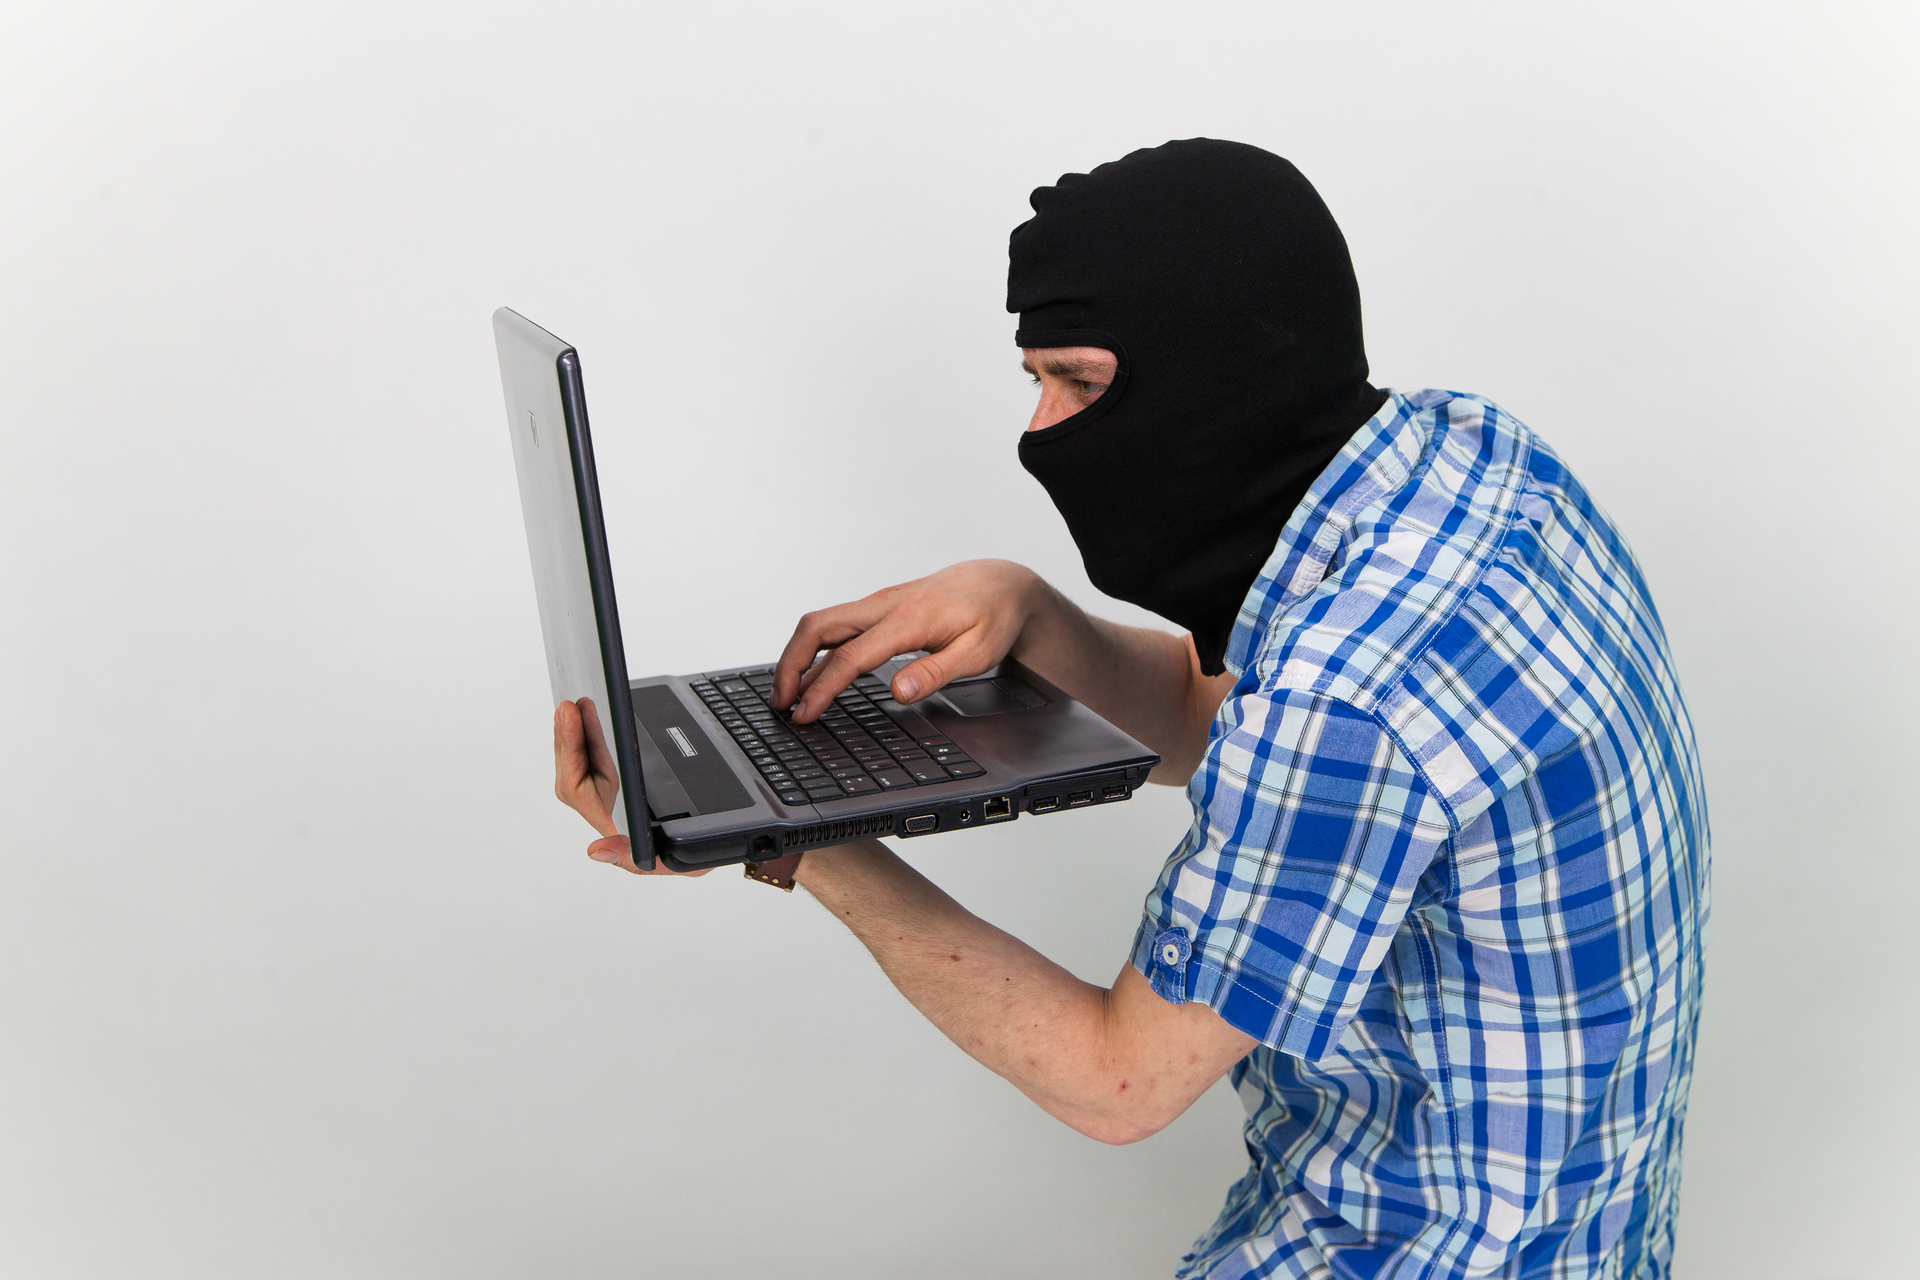 Zdjęcie przedstawia mężczyznę wczarnej kominiarce na głowie. Mężczyzna stoi bokiem do obserwatora zdjęcia. Skierowany wlewo. Zamaskowany mężczyzna trzyma otwarty laptop wlewej ręce. Prawą ręką pisze na klawiaturze.